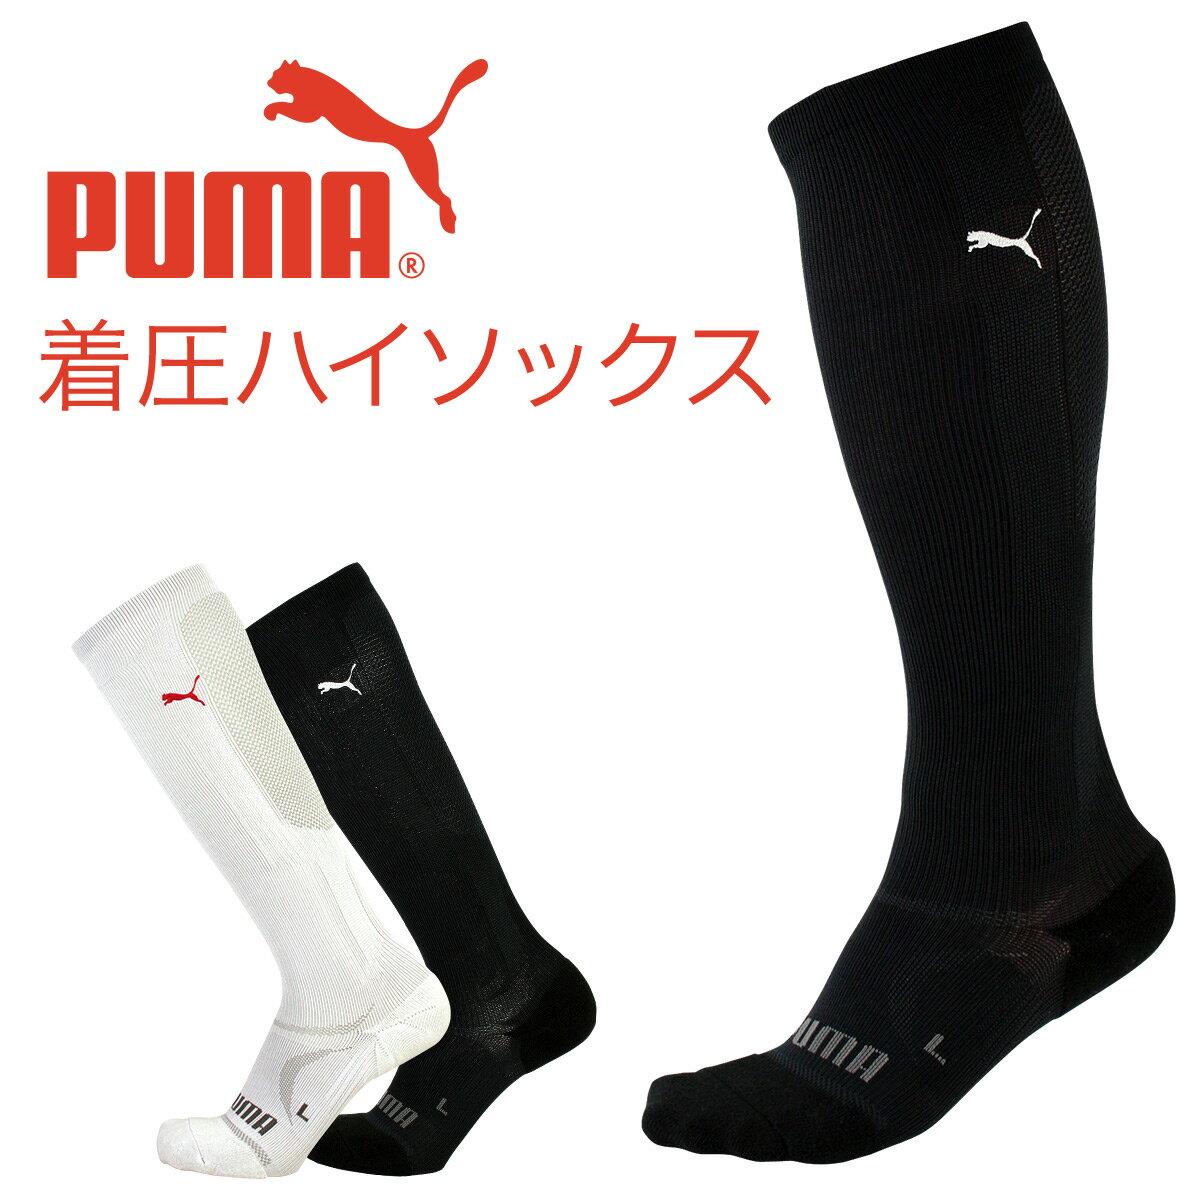 セール!30%OFFPUMA ( プーマ ) メンズ & レディス 段階着圧 設計 アーチサポート マラソン ランニング スポーツ全般 ハイソックス puma-216ポイント10倍